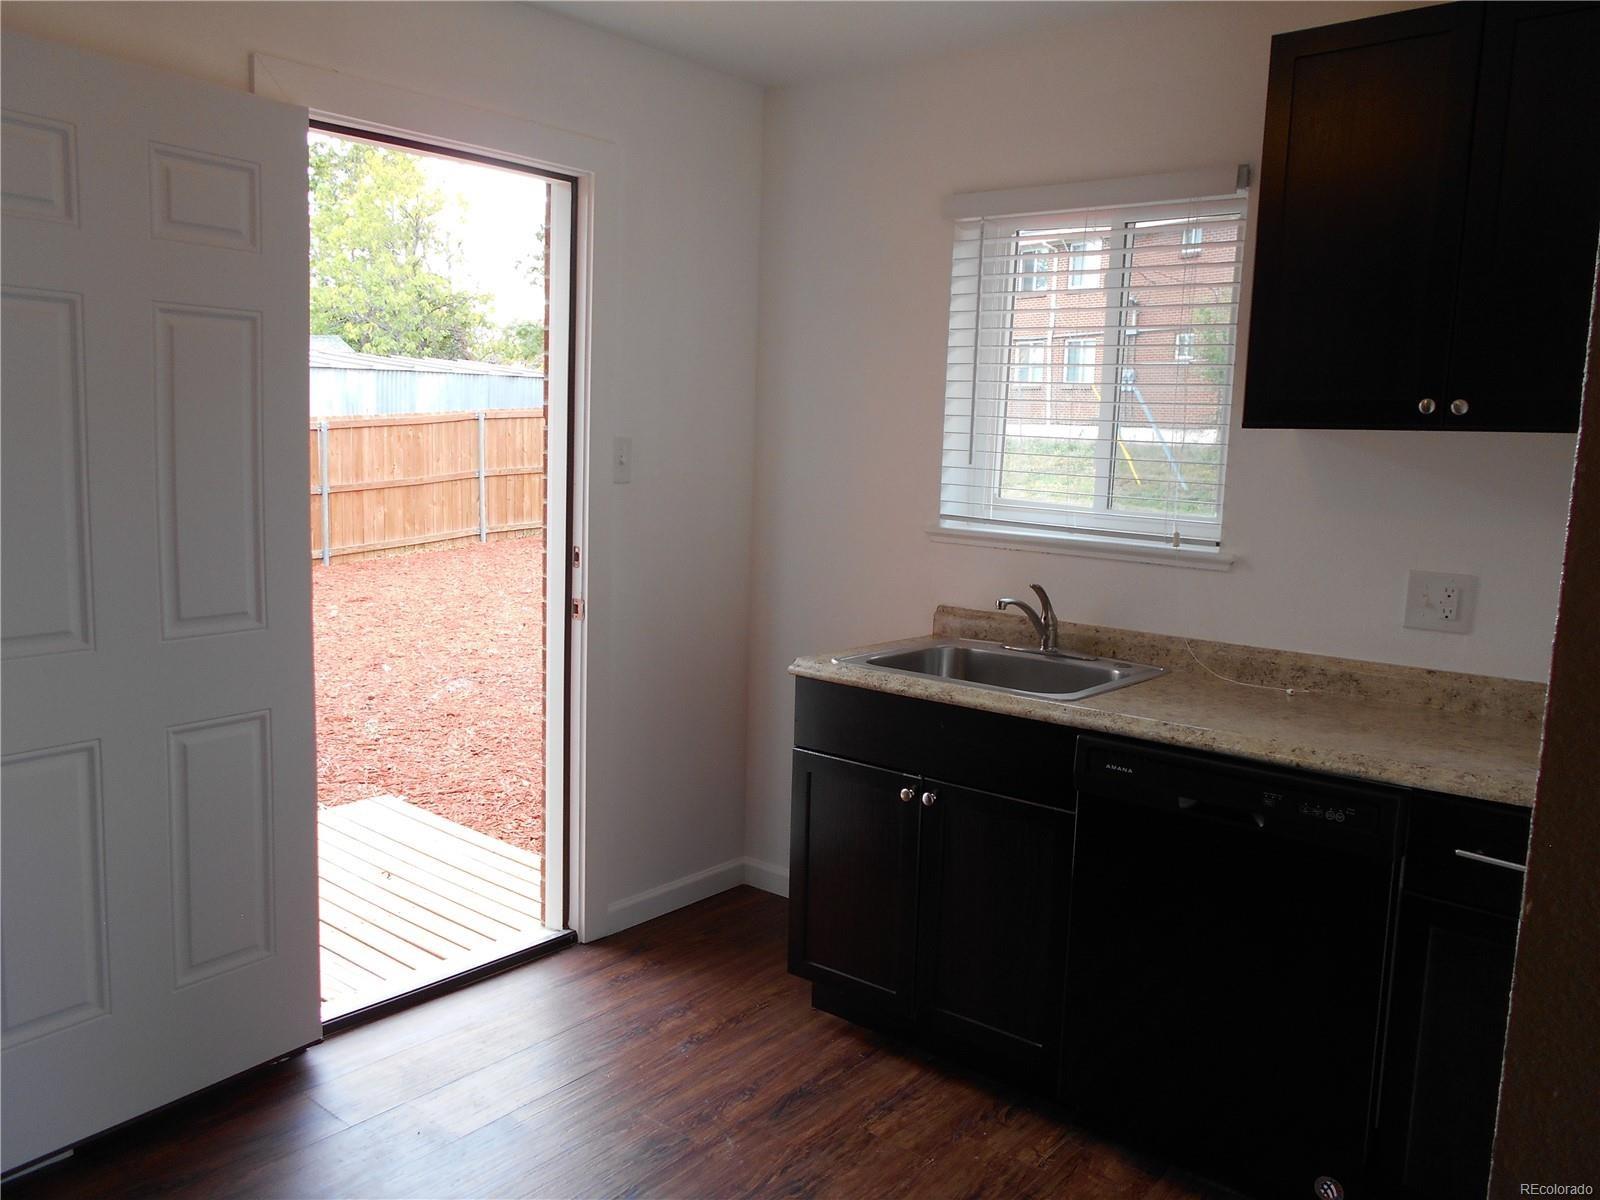 MLS# 7620940 - 14 - 166 S Kendall Street, Lakewood, CO 80226